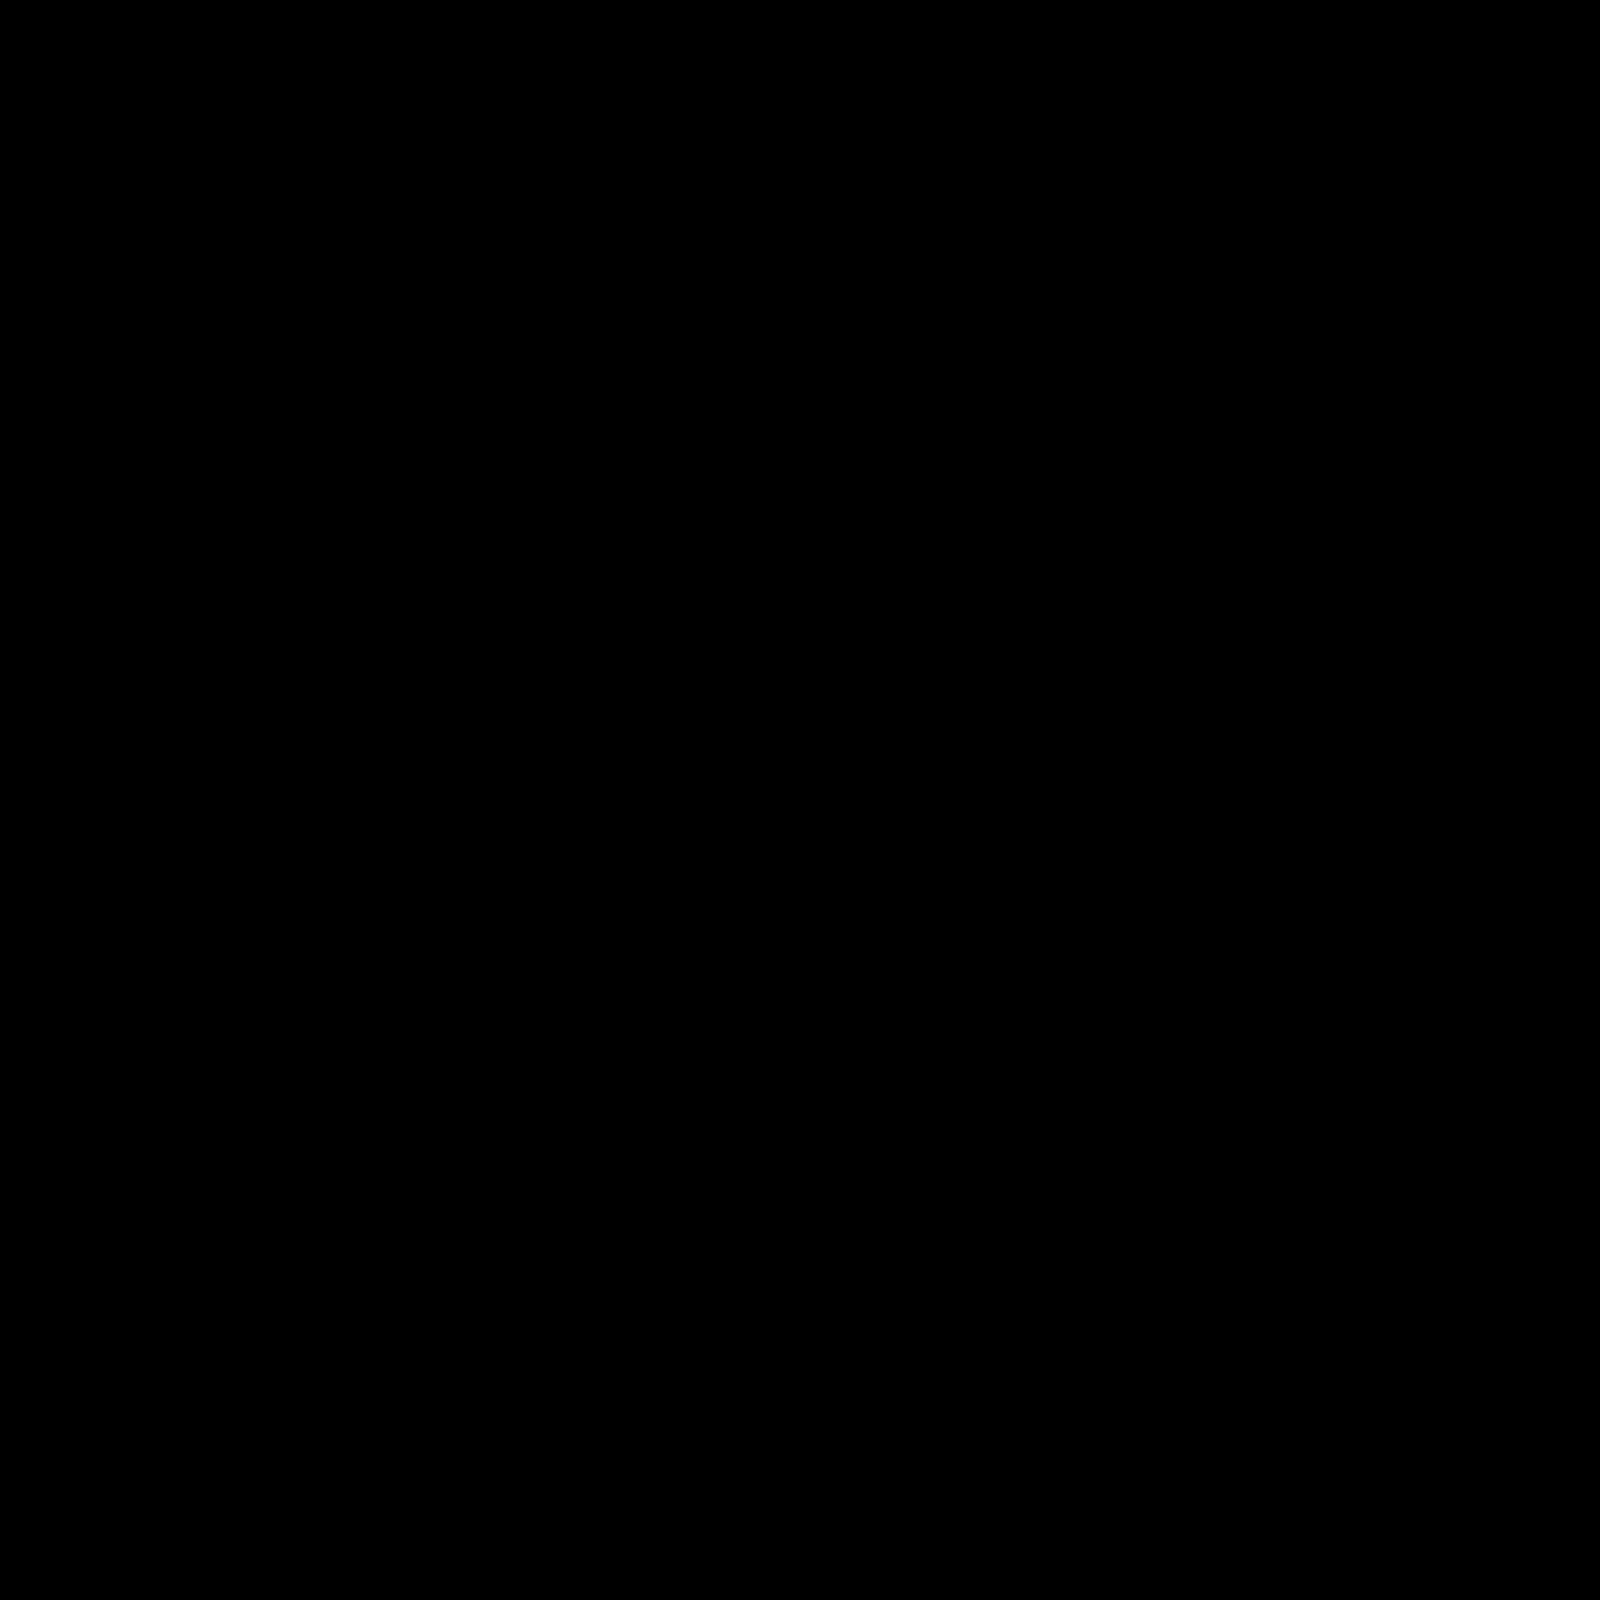 左側のビュー icon. There is a cube with only three sides visible, the top, front, and left side. On the left side of the cube there is a dotted design while the rest of the faces are just blank.